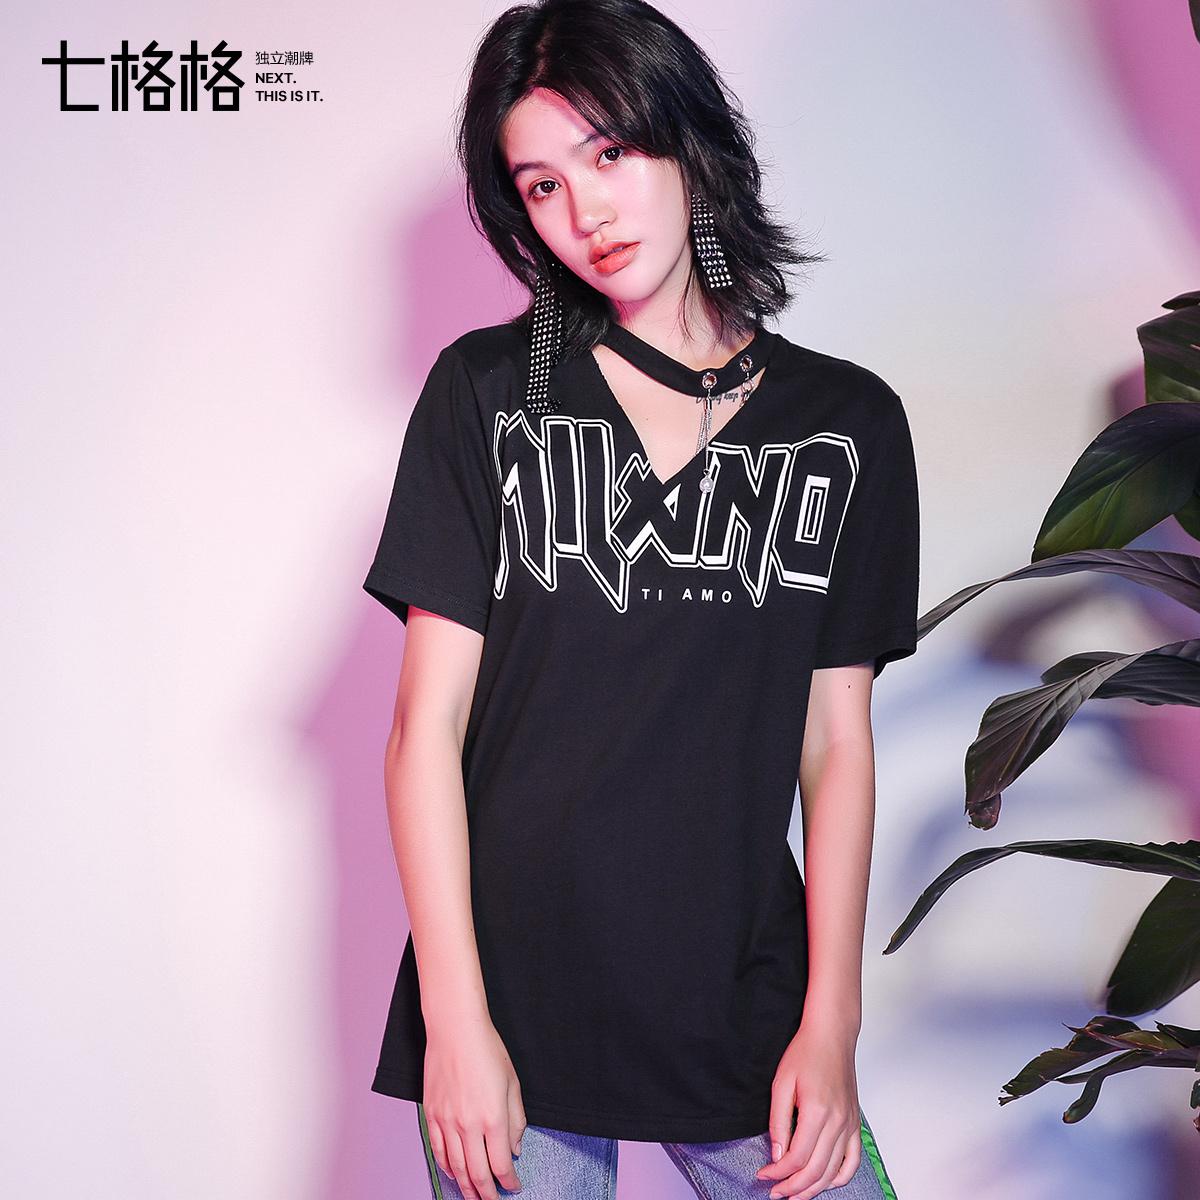 othermix七格格2017夏字母印花镂空设计立体金属装饰短袖t恤女